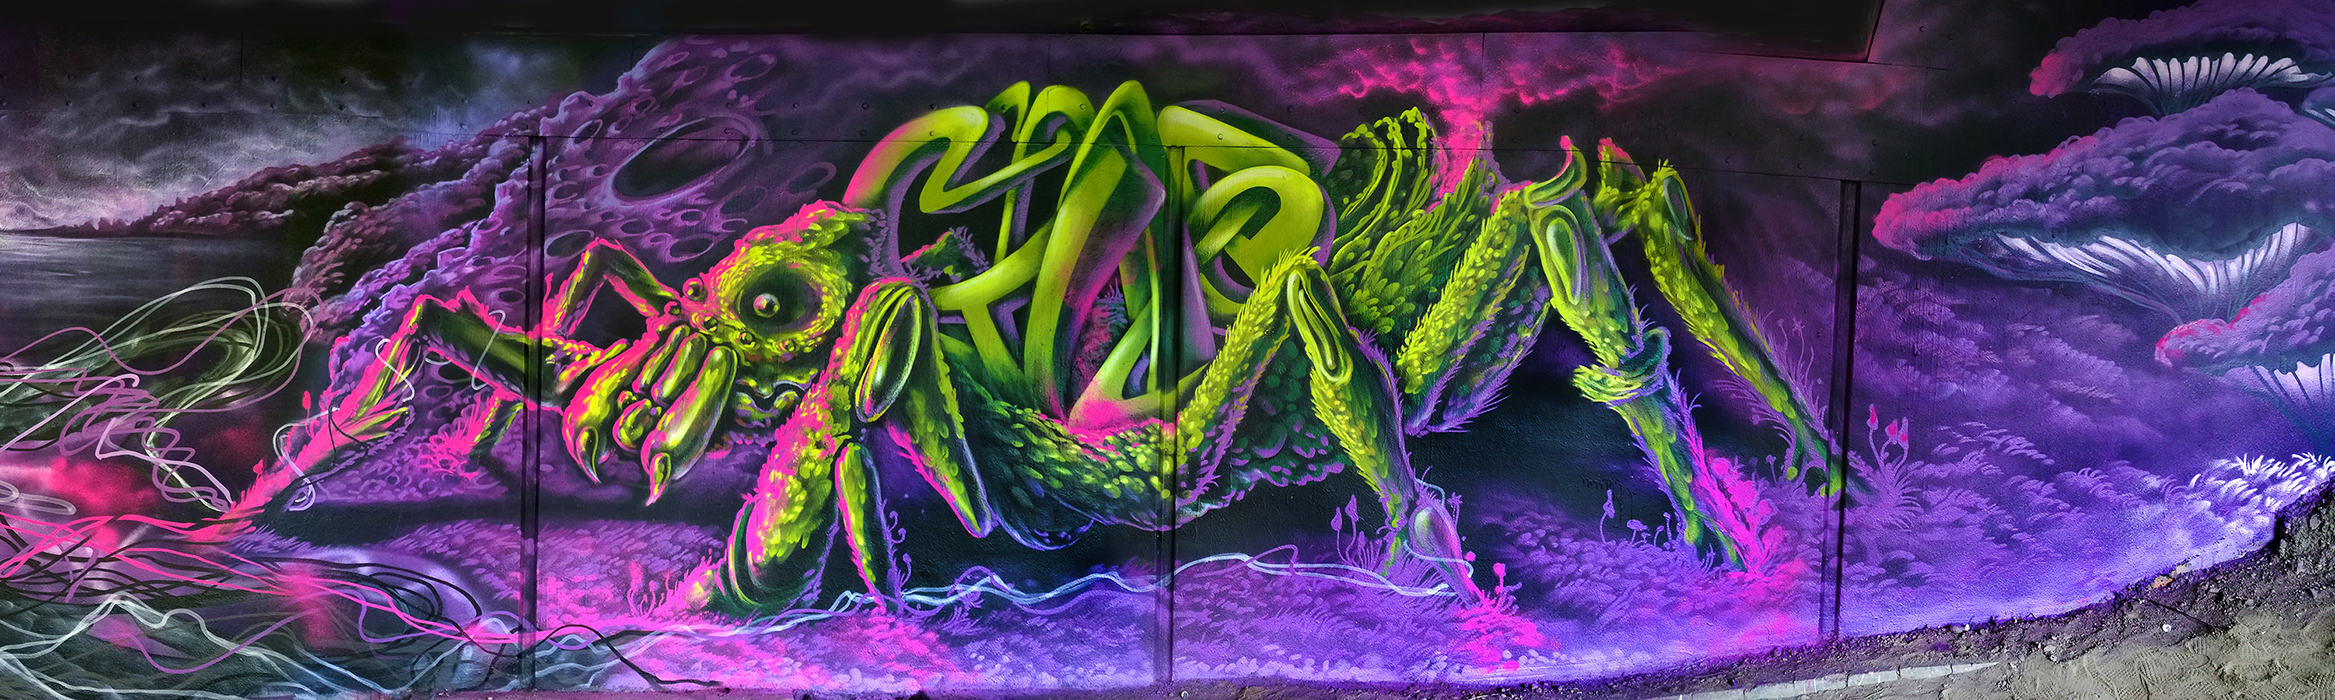 Граффити в г.Карлсруэ ( Германия) .